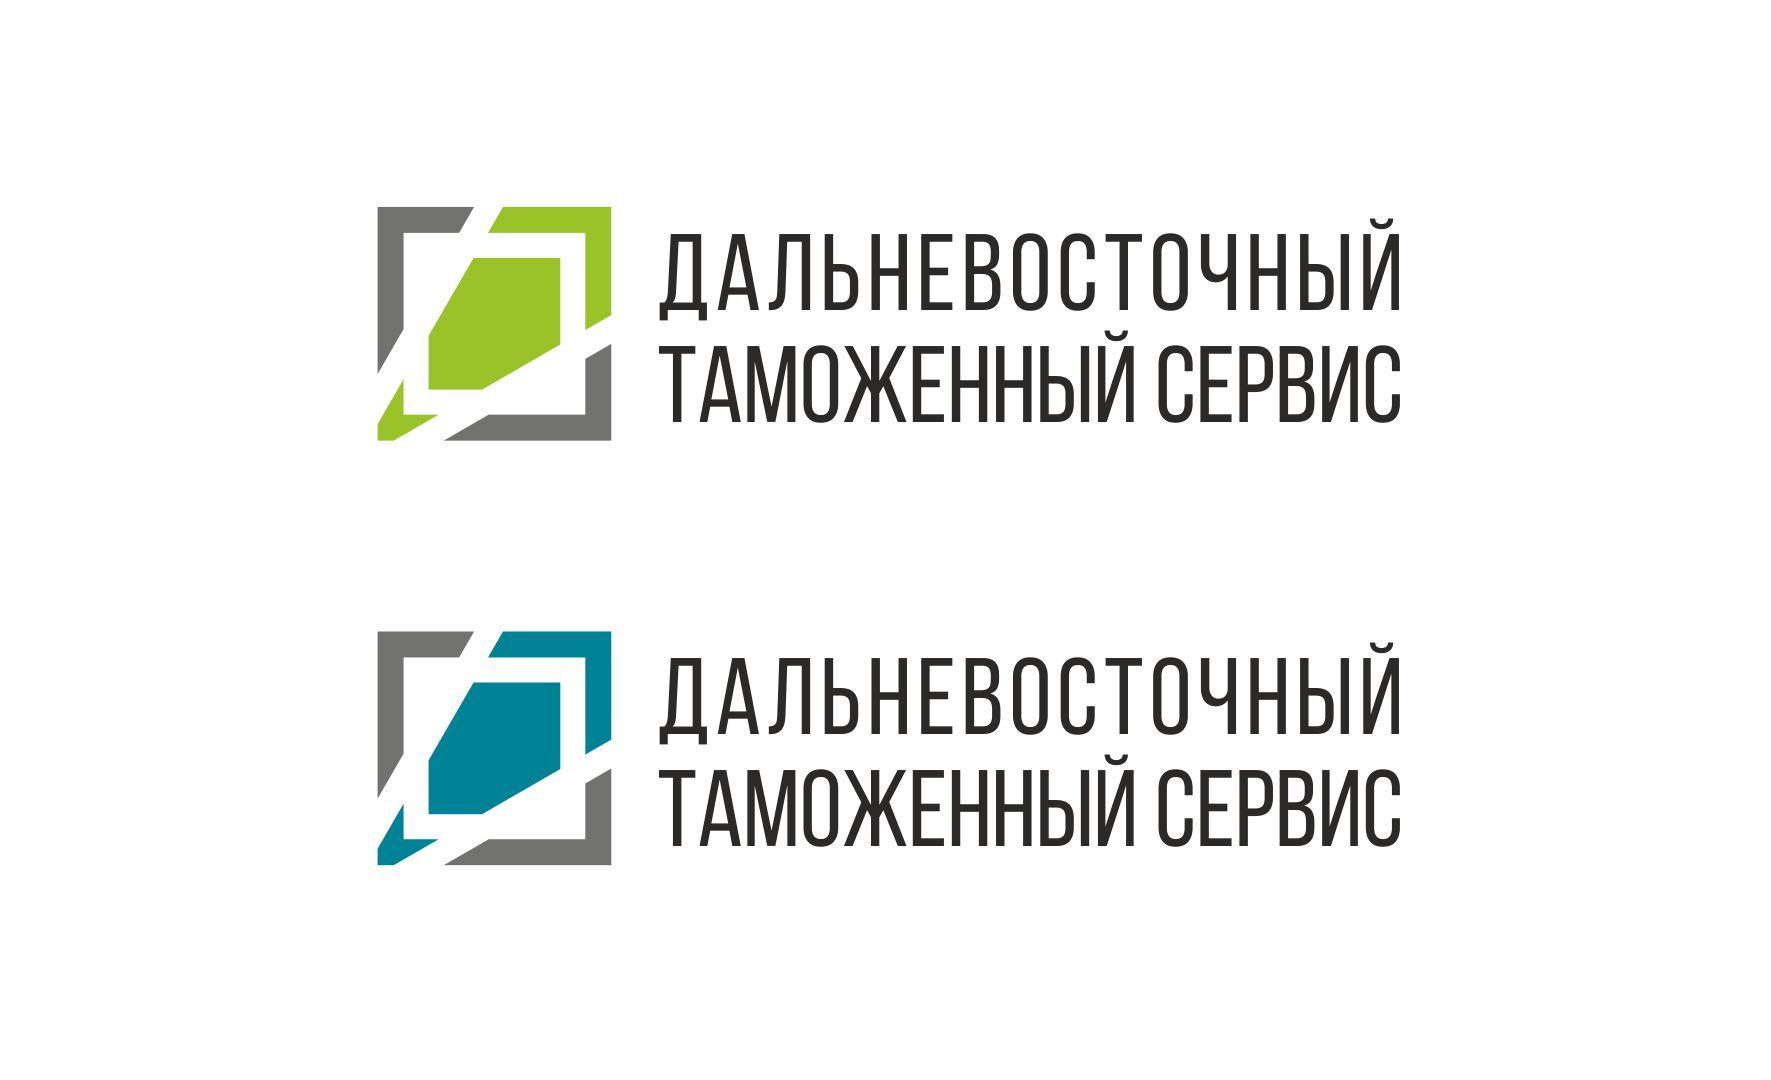 Логотип знак фирменные цвета для компании ДВТС   - дизайнер blukki